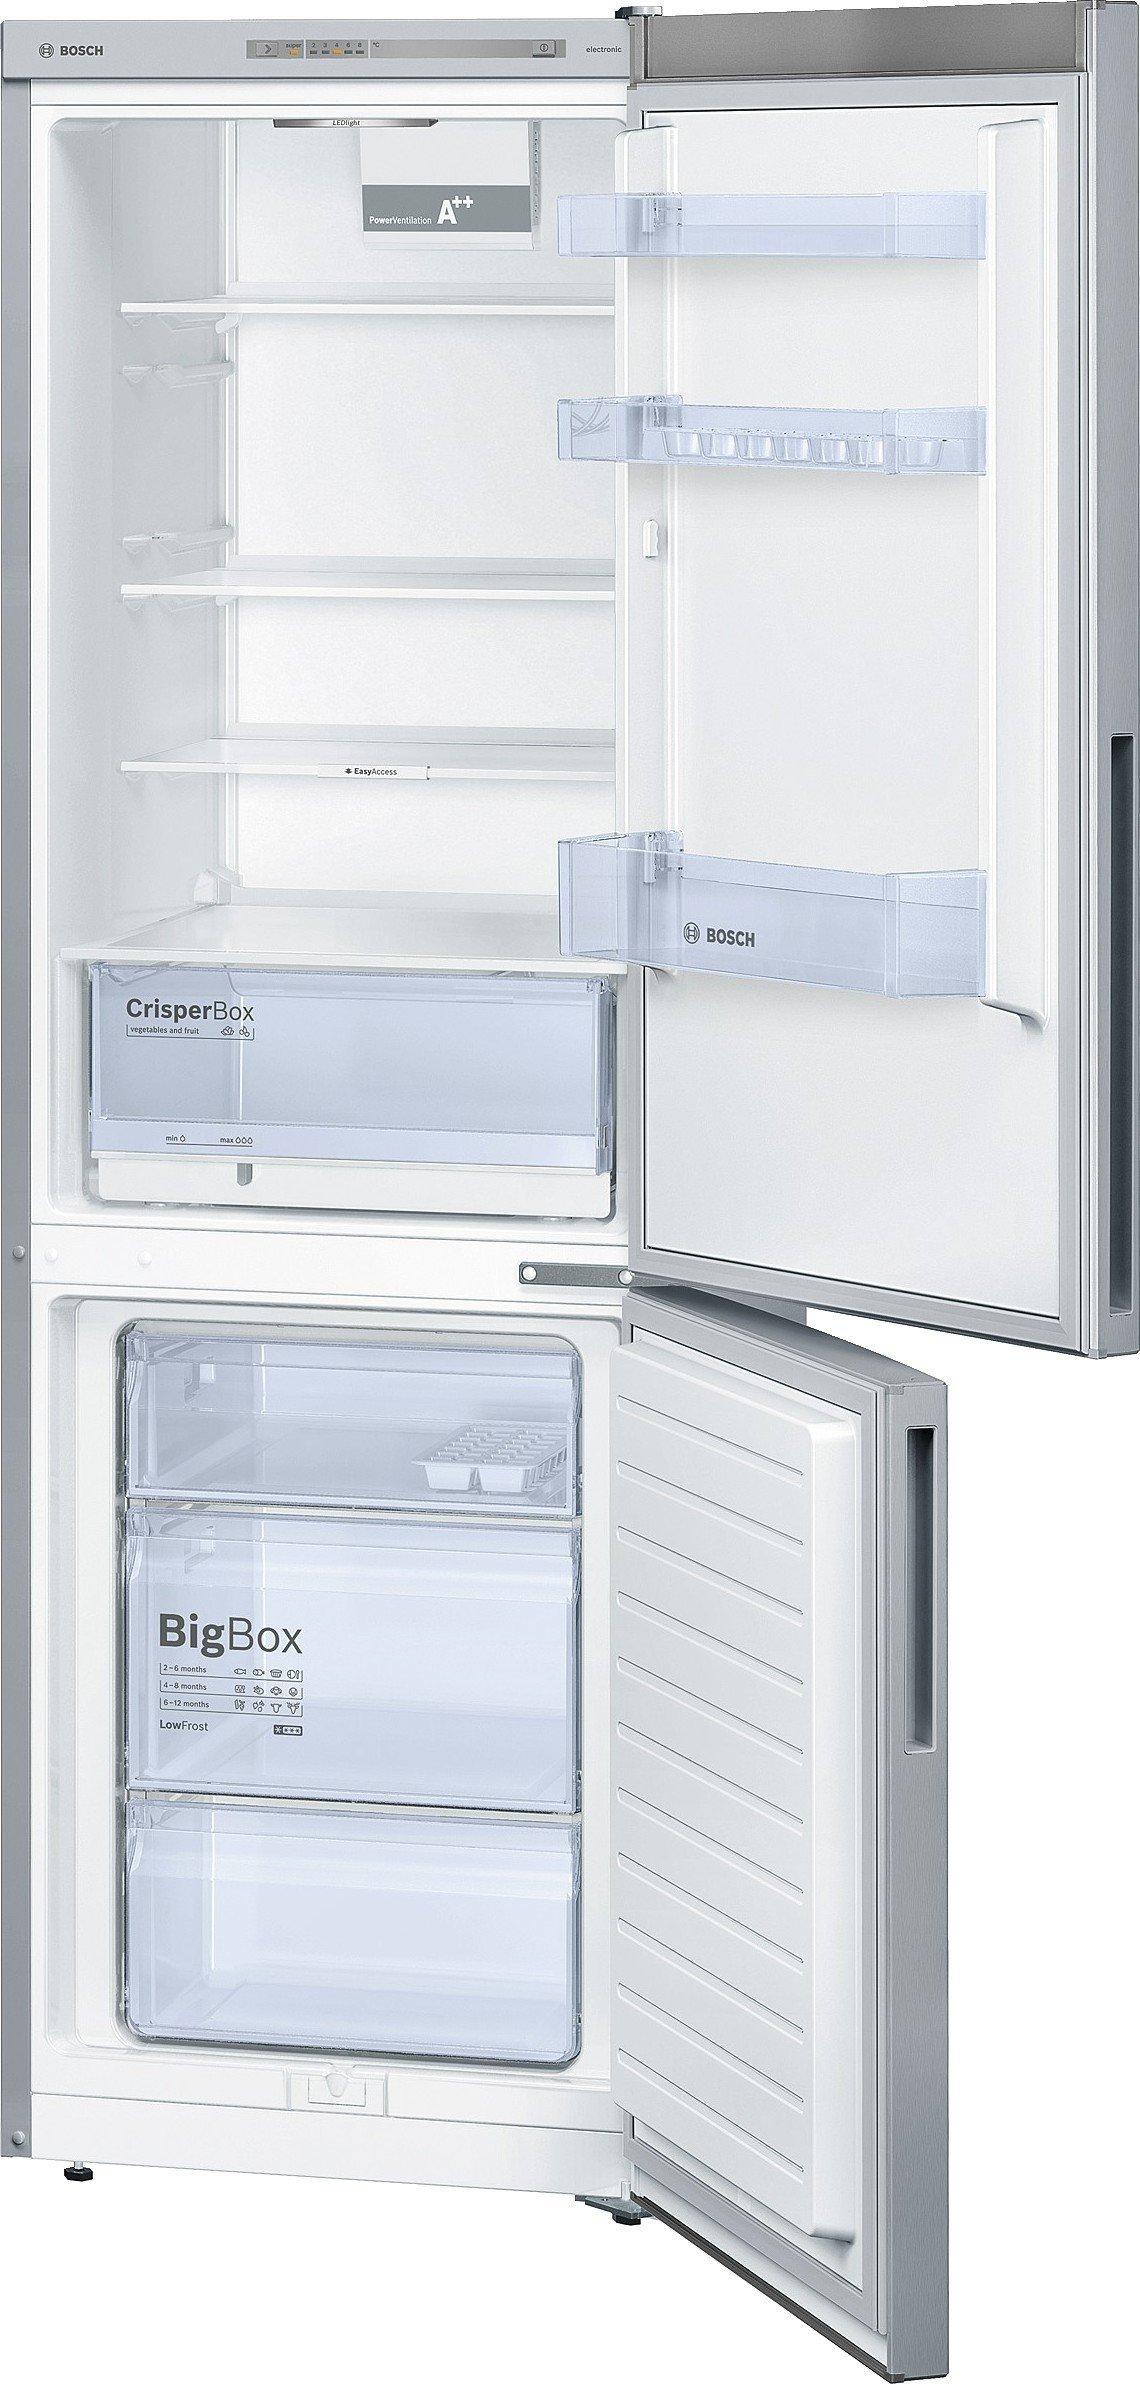 Miglior frigorifero: tanti modelli e marche recensiti per voi